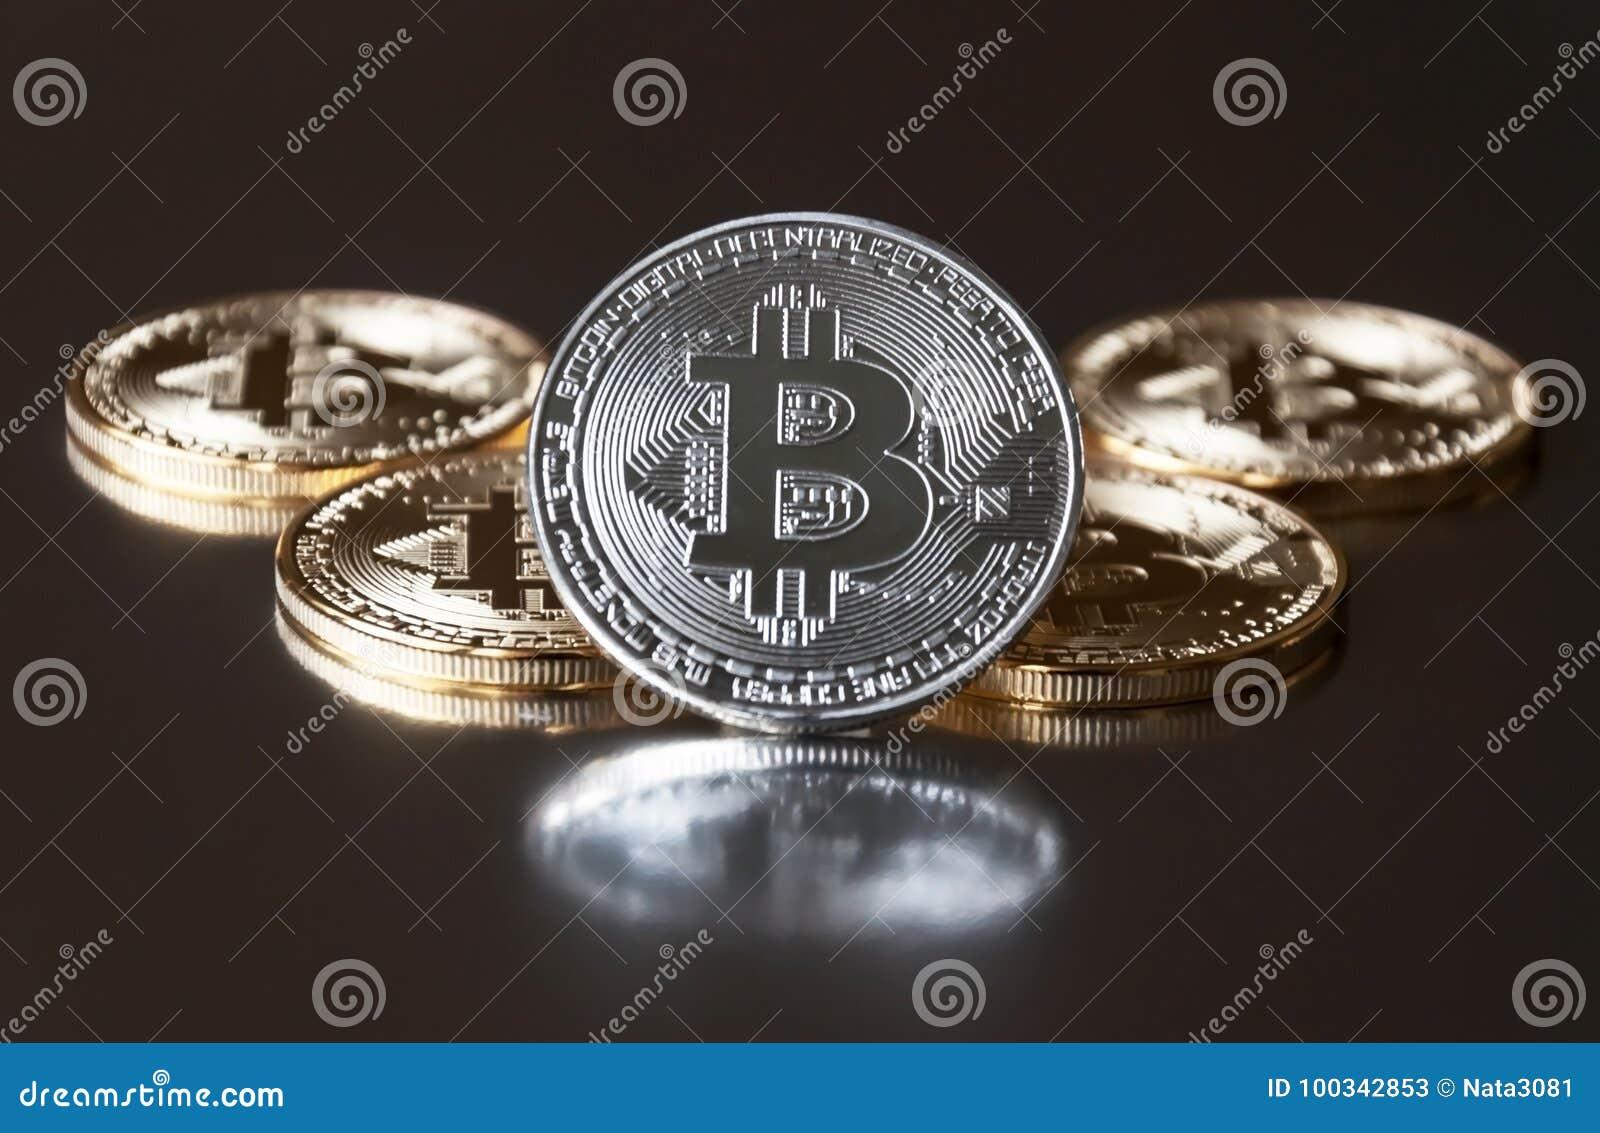 Några ligger blir guld- och silvermyntbitcoin eller på kanten på en mörk bakgrund Begreppet av crypto valuta